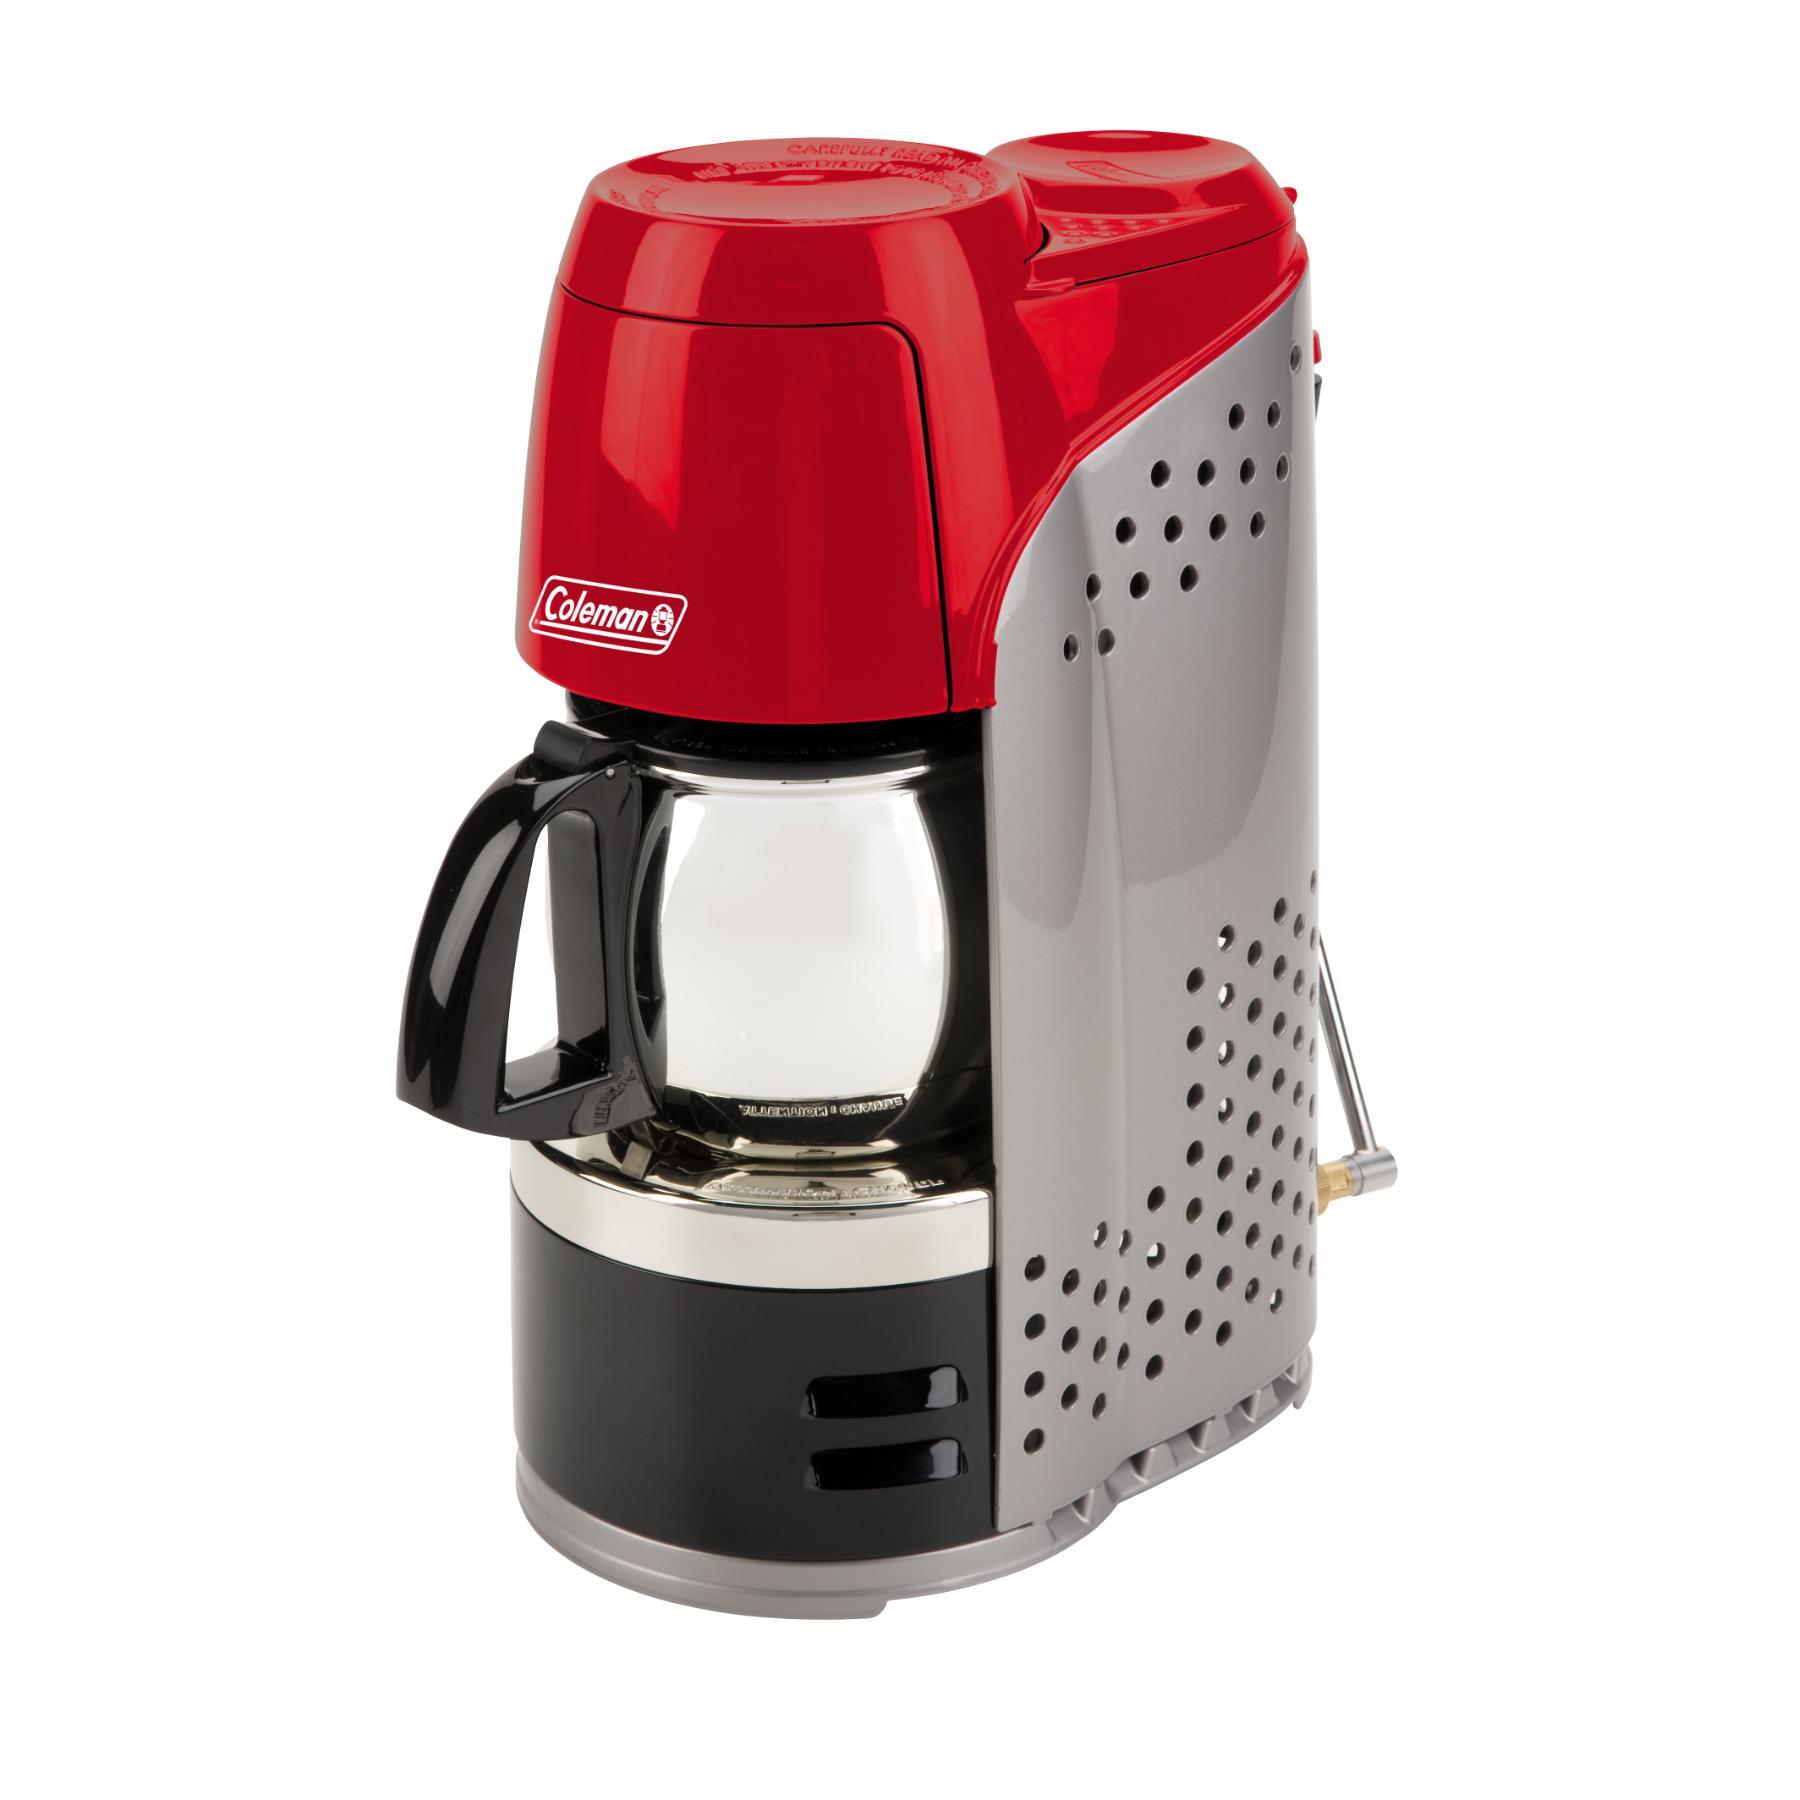 Coleman InstaStart Coffeemaker Holds 10 cups